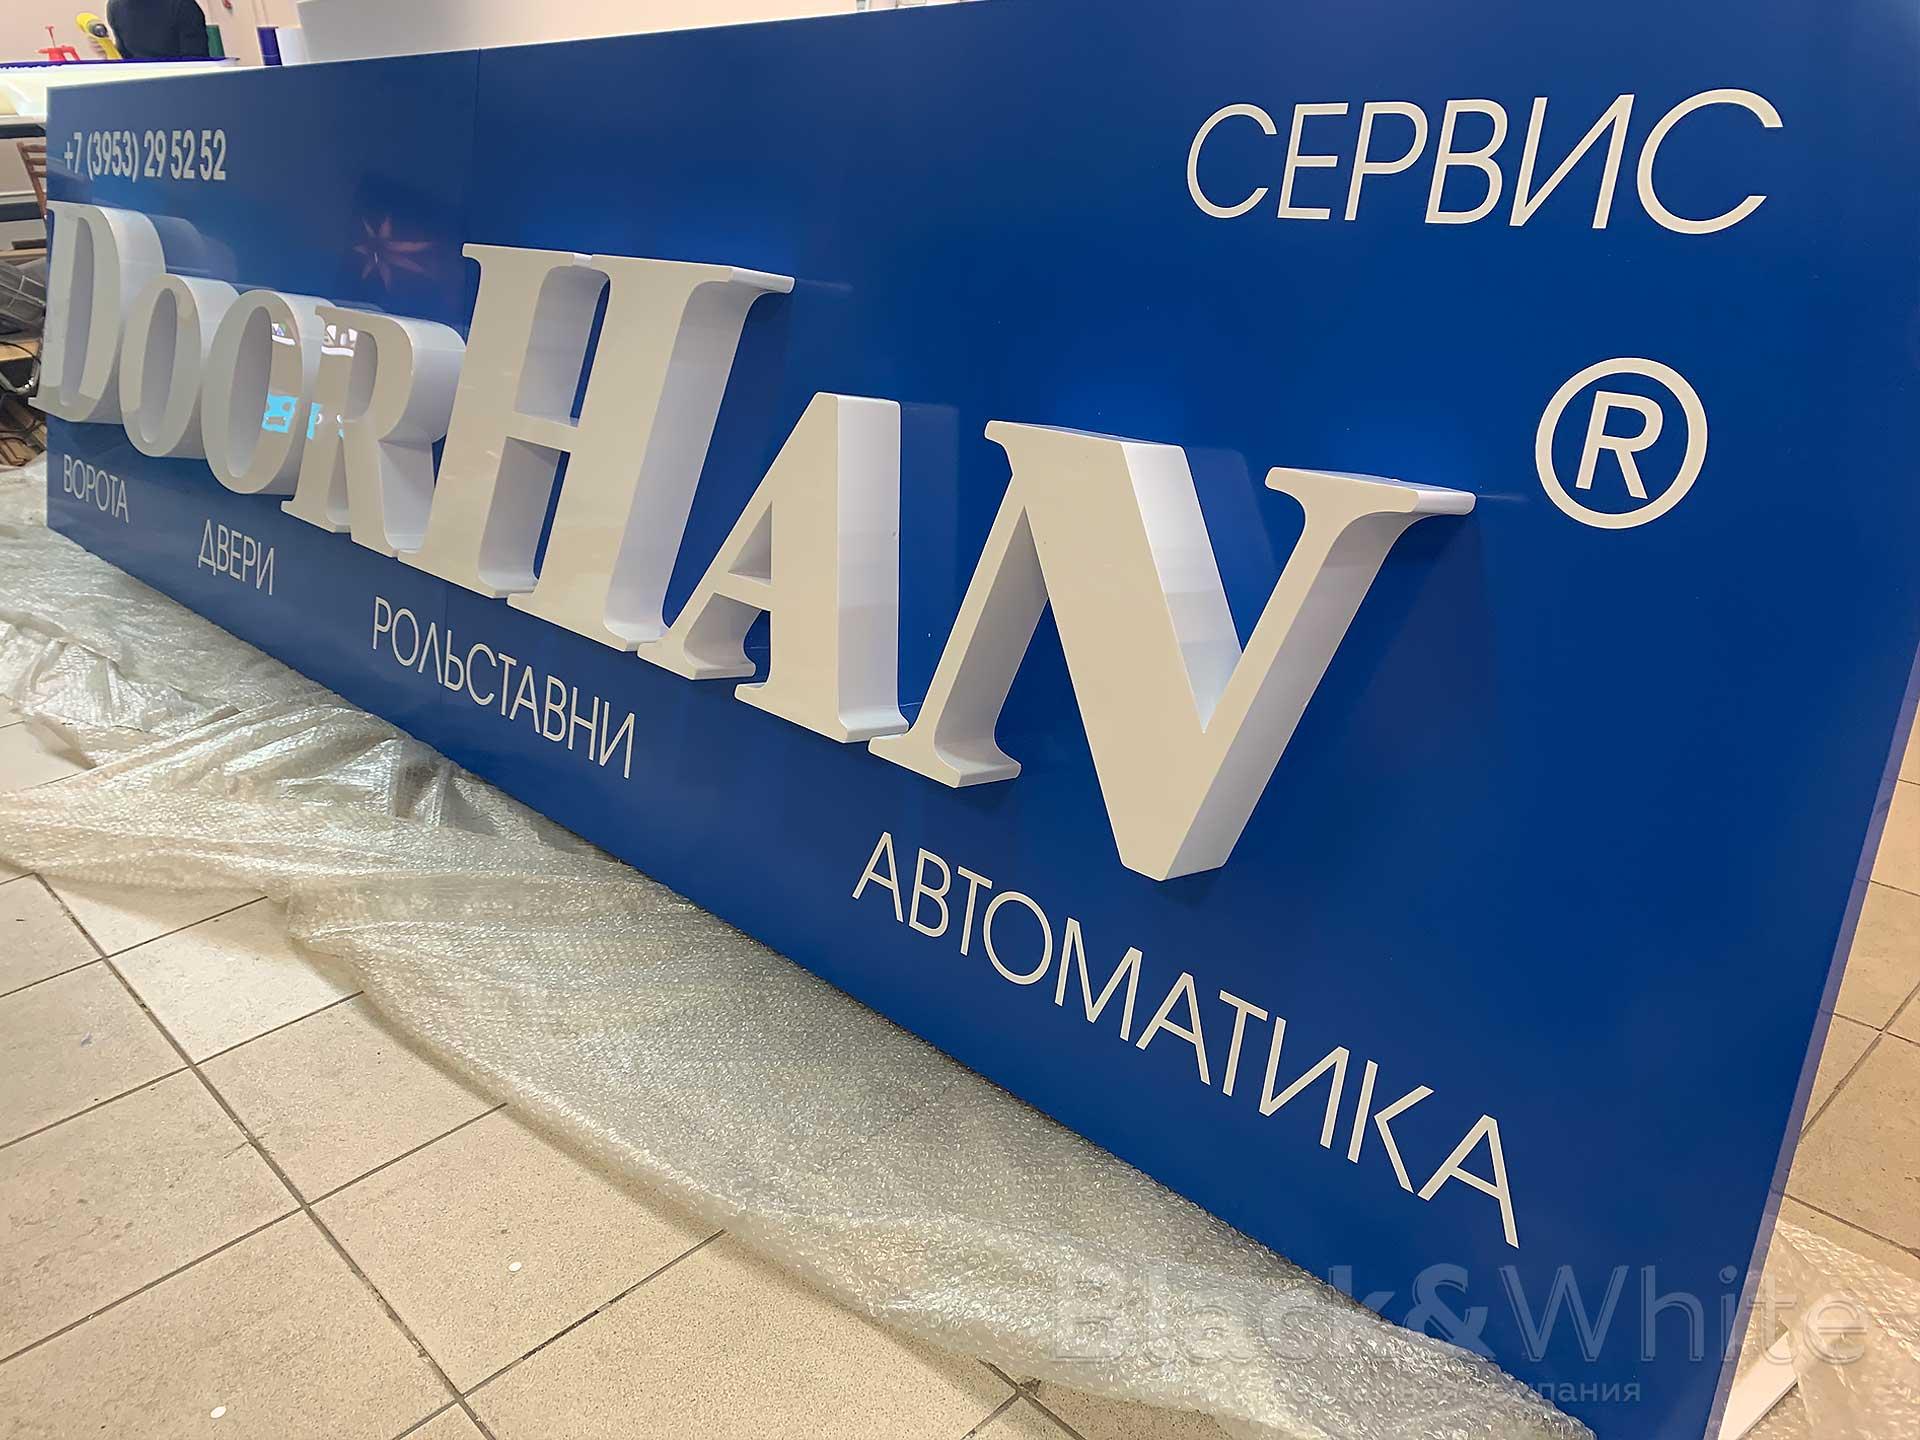 Световая-вывеска-с-оюъёмными-буквами-для-компании-Красноярск.jpg